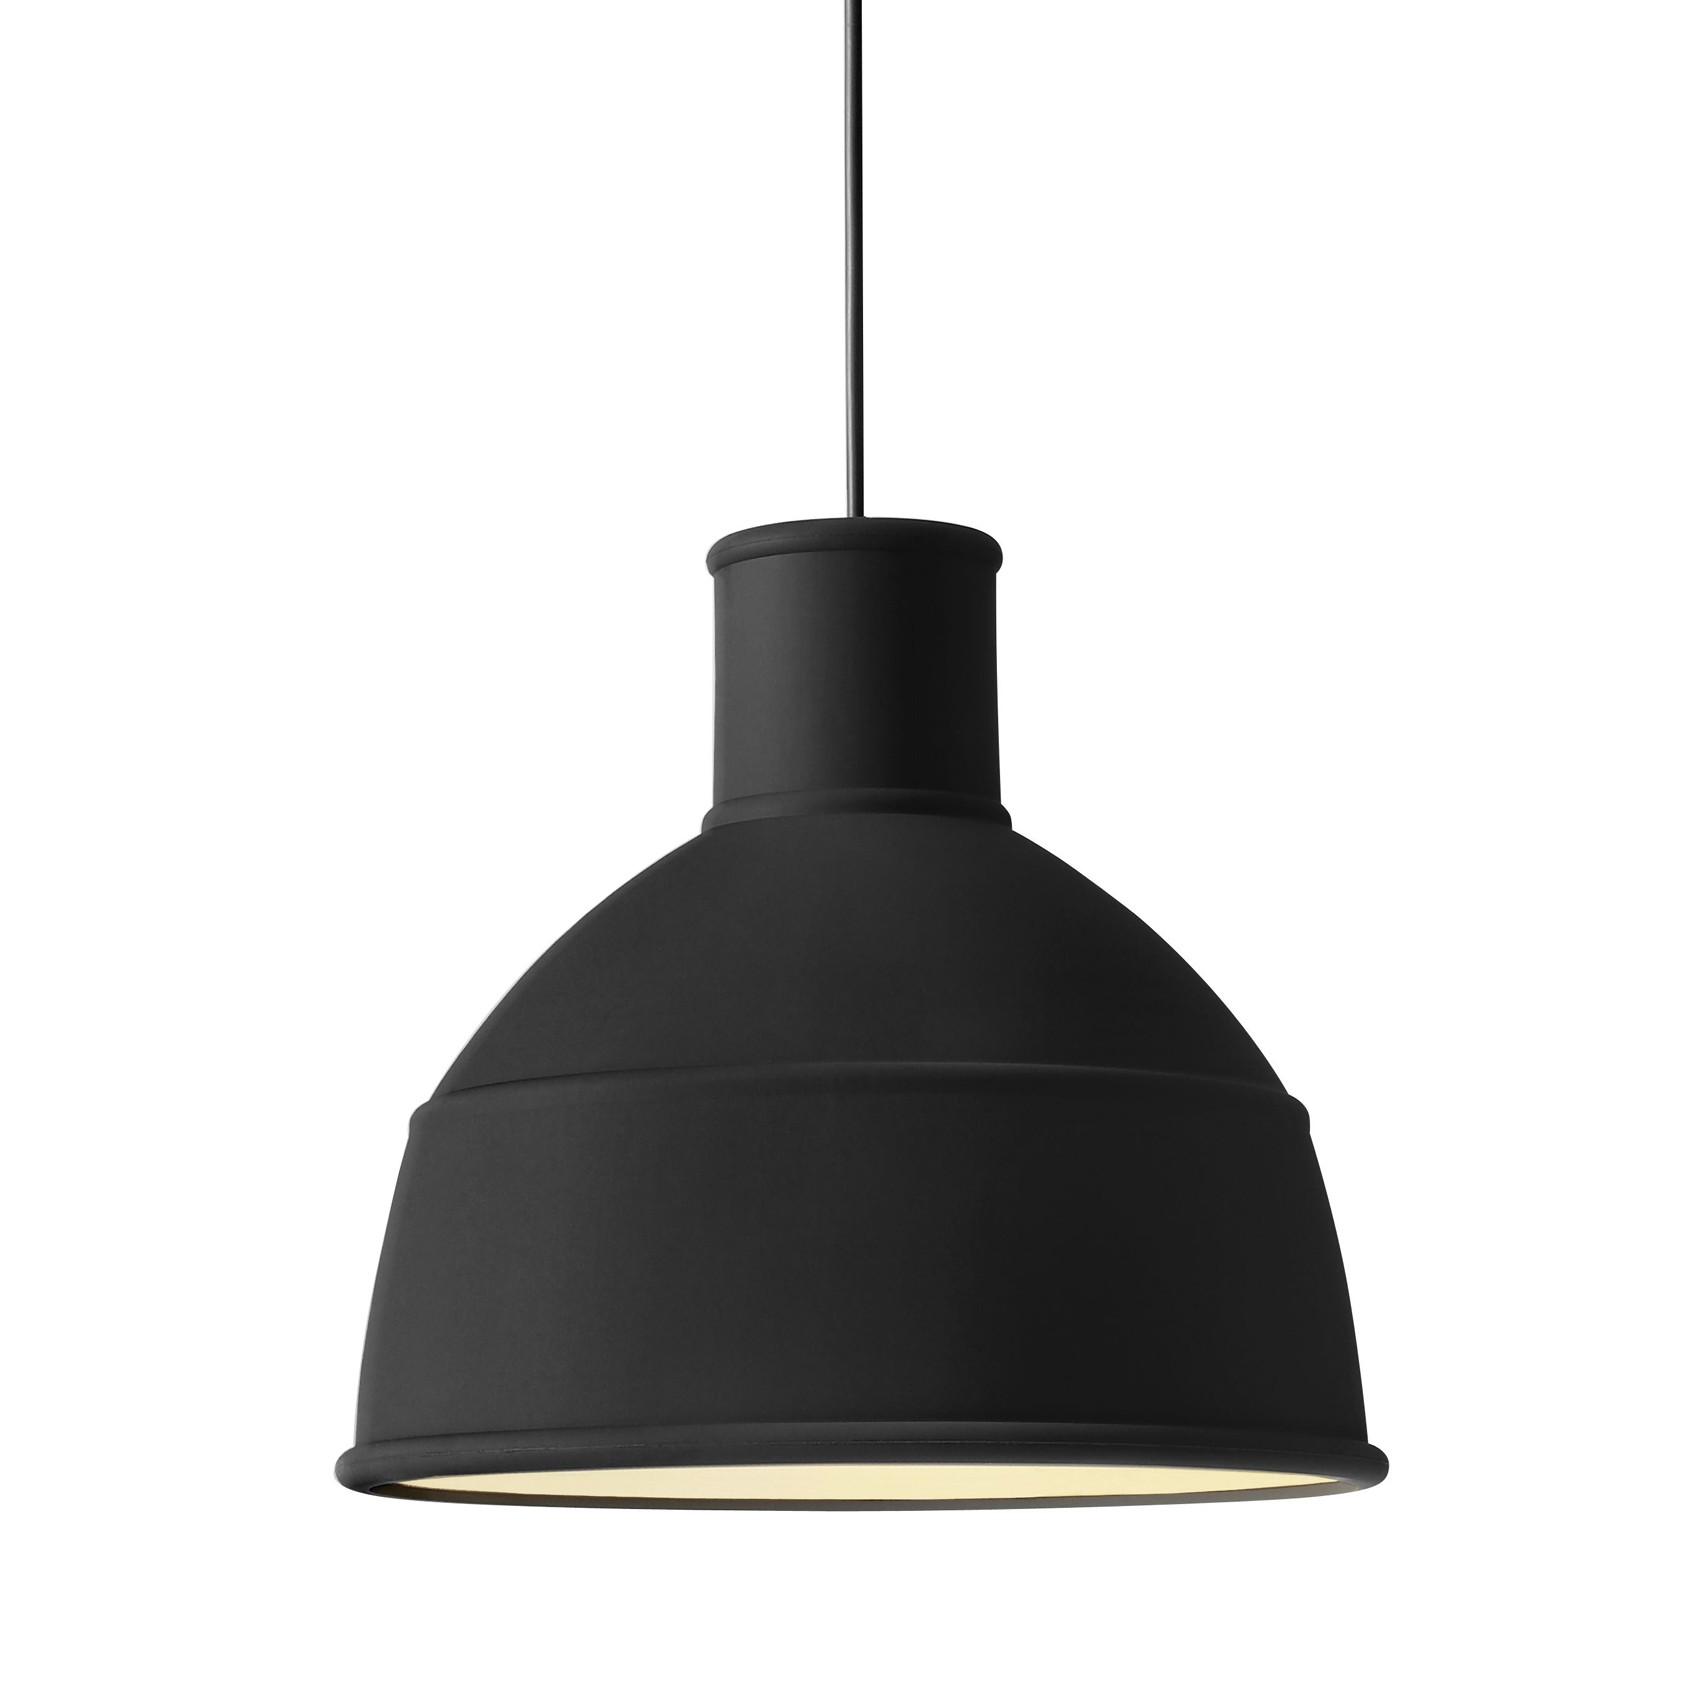 11 Snygga Svarta Lampor Dansk Inredning Och Design